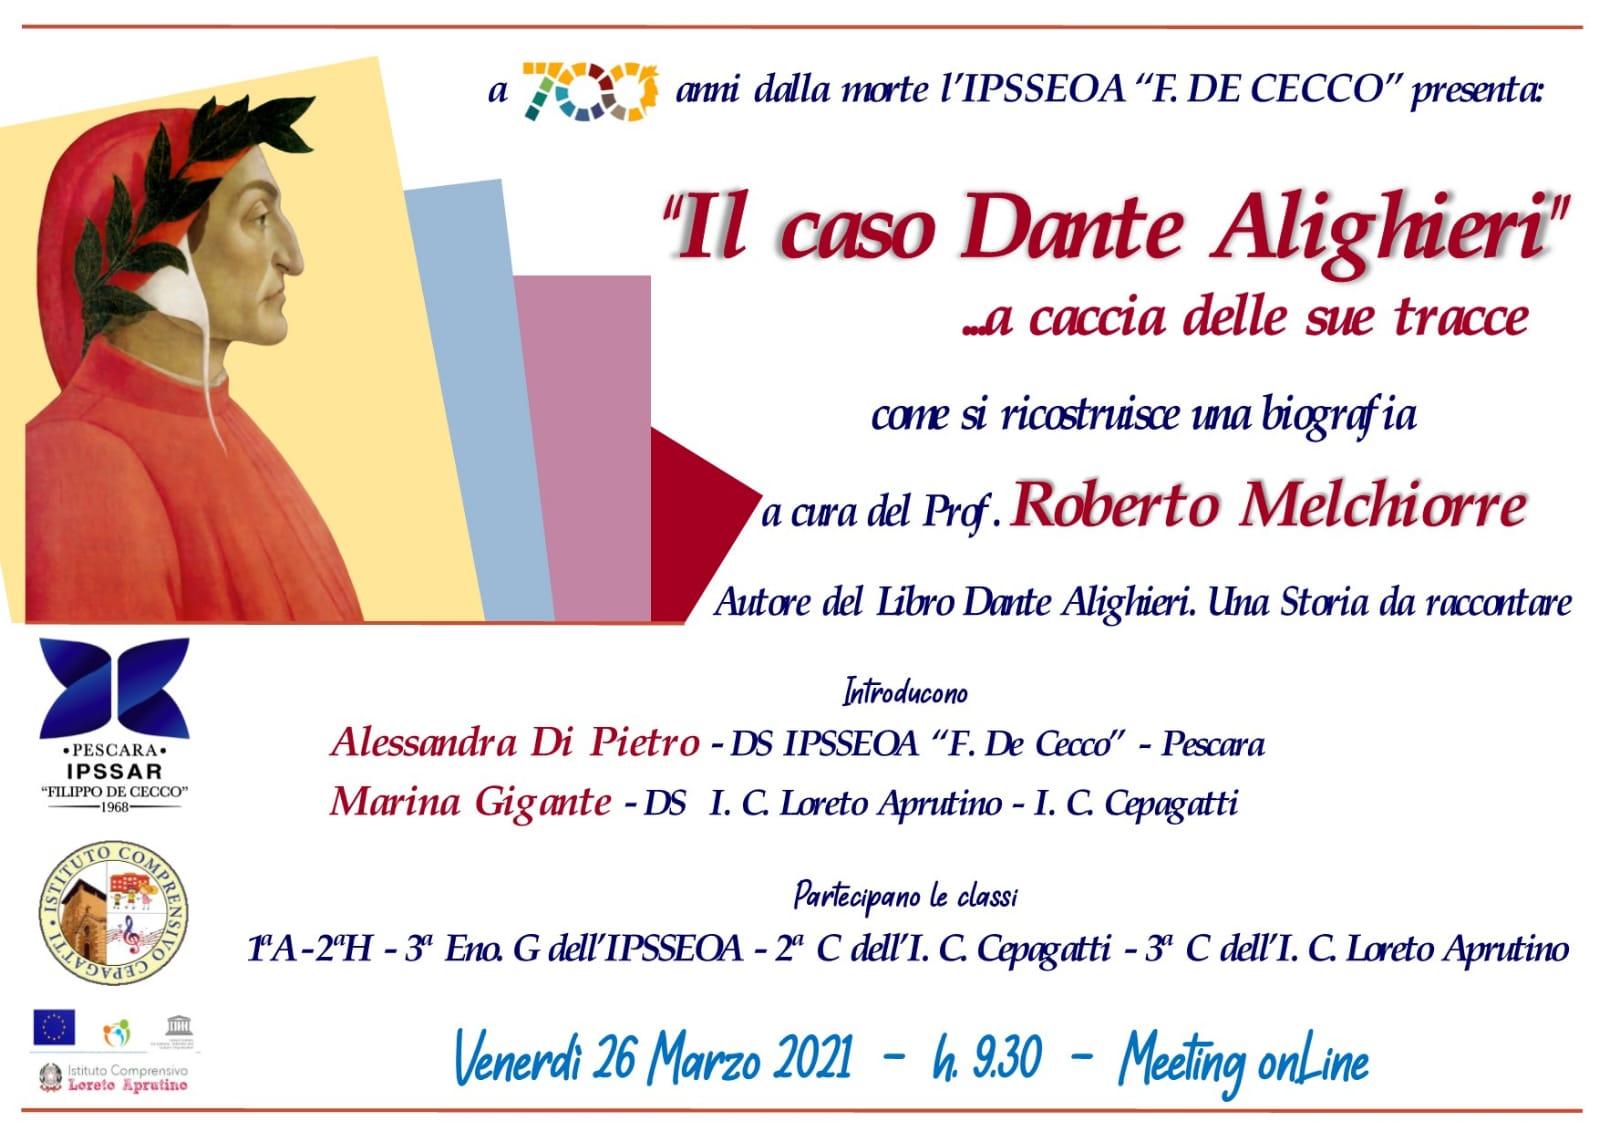 Il caso Dante Alighieri